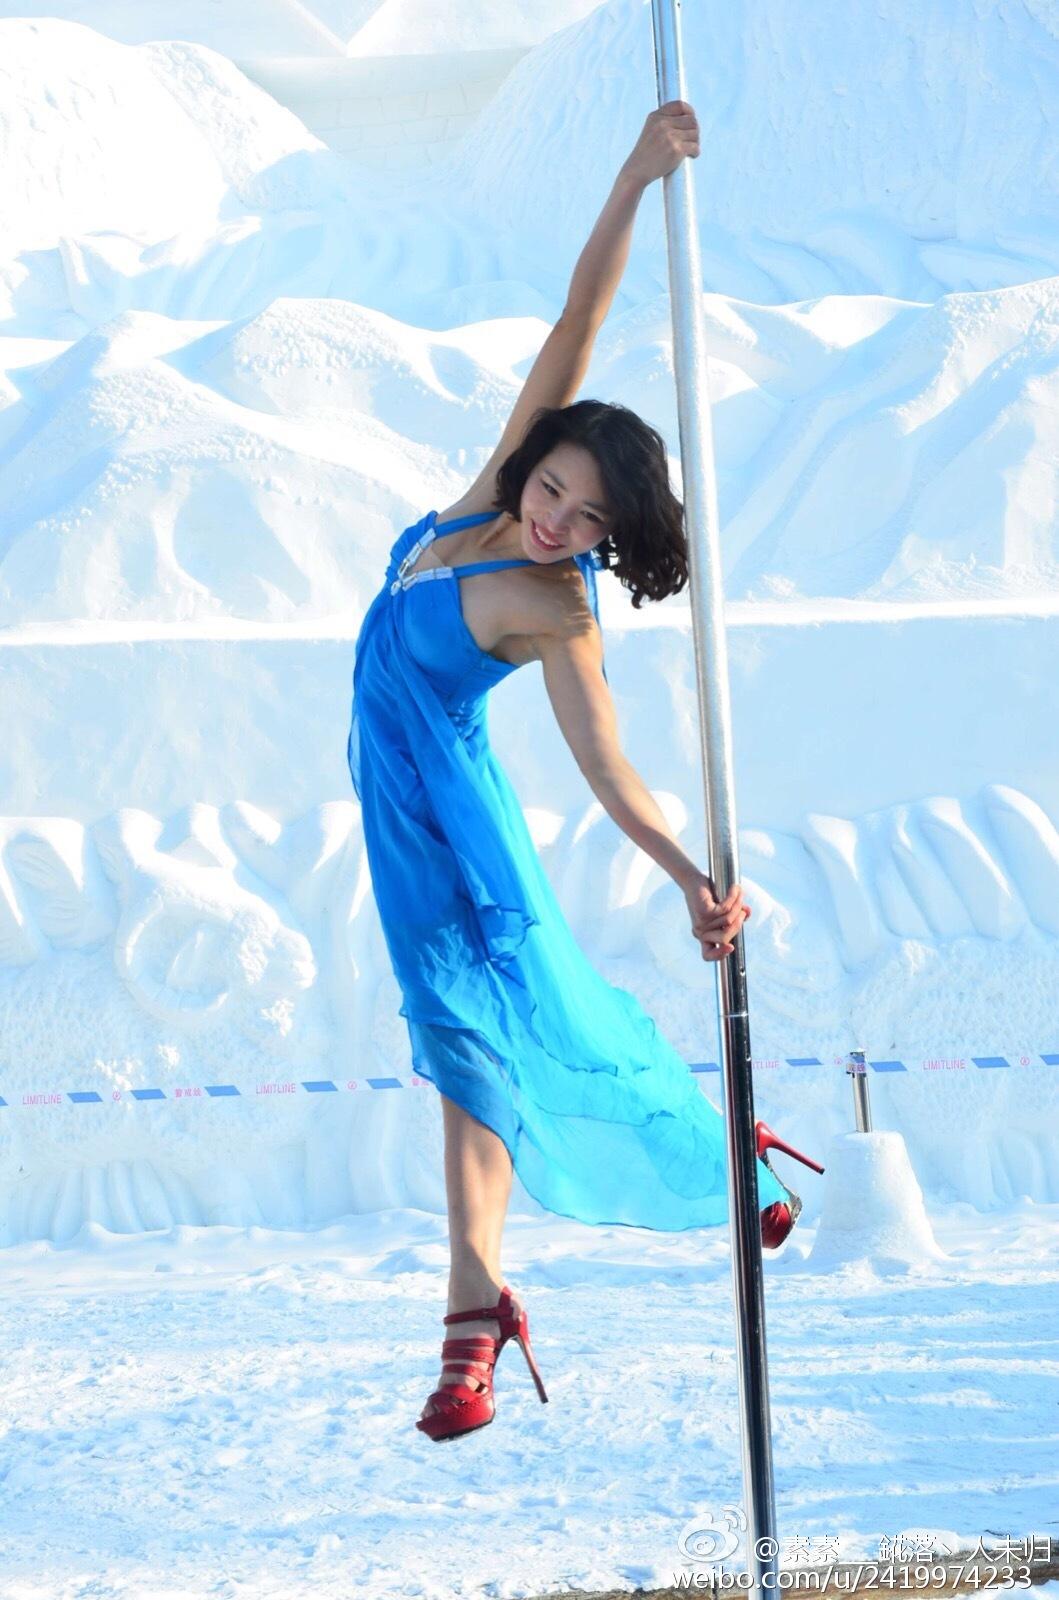 长春美女冰天雪地跳钢管舞